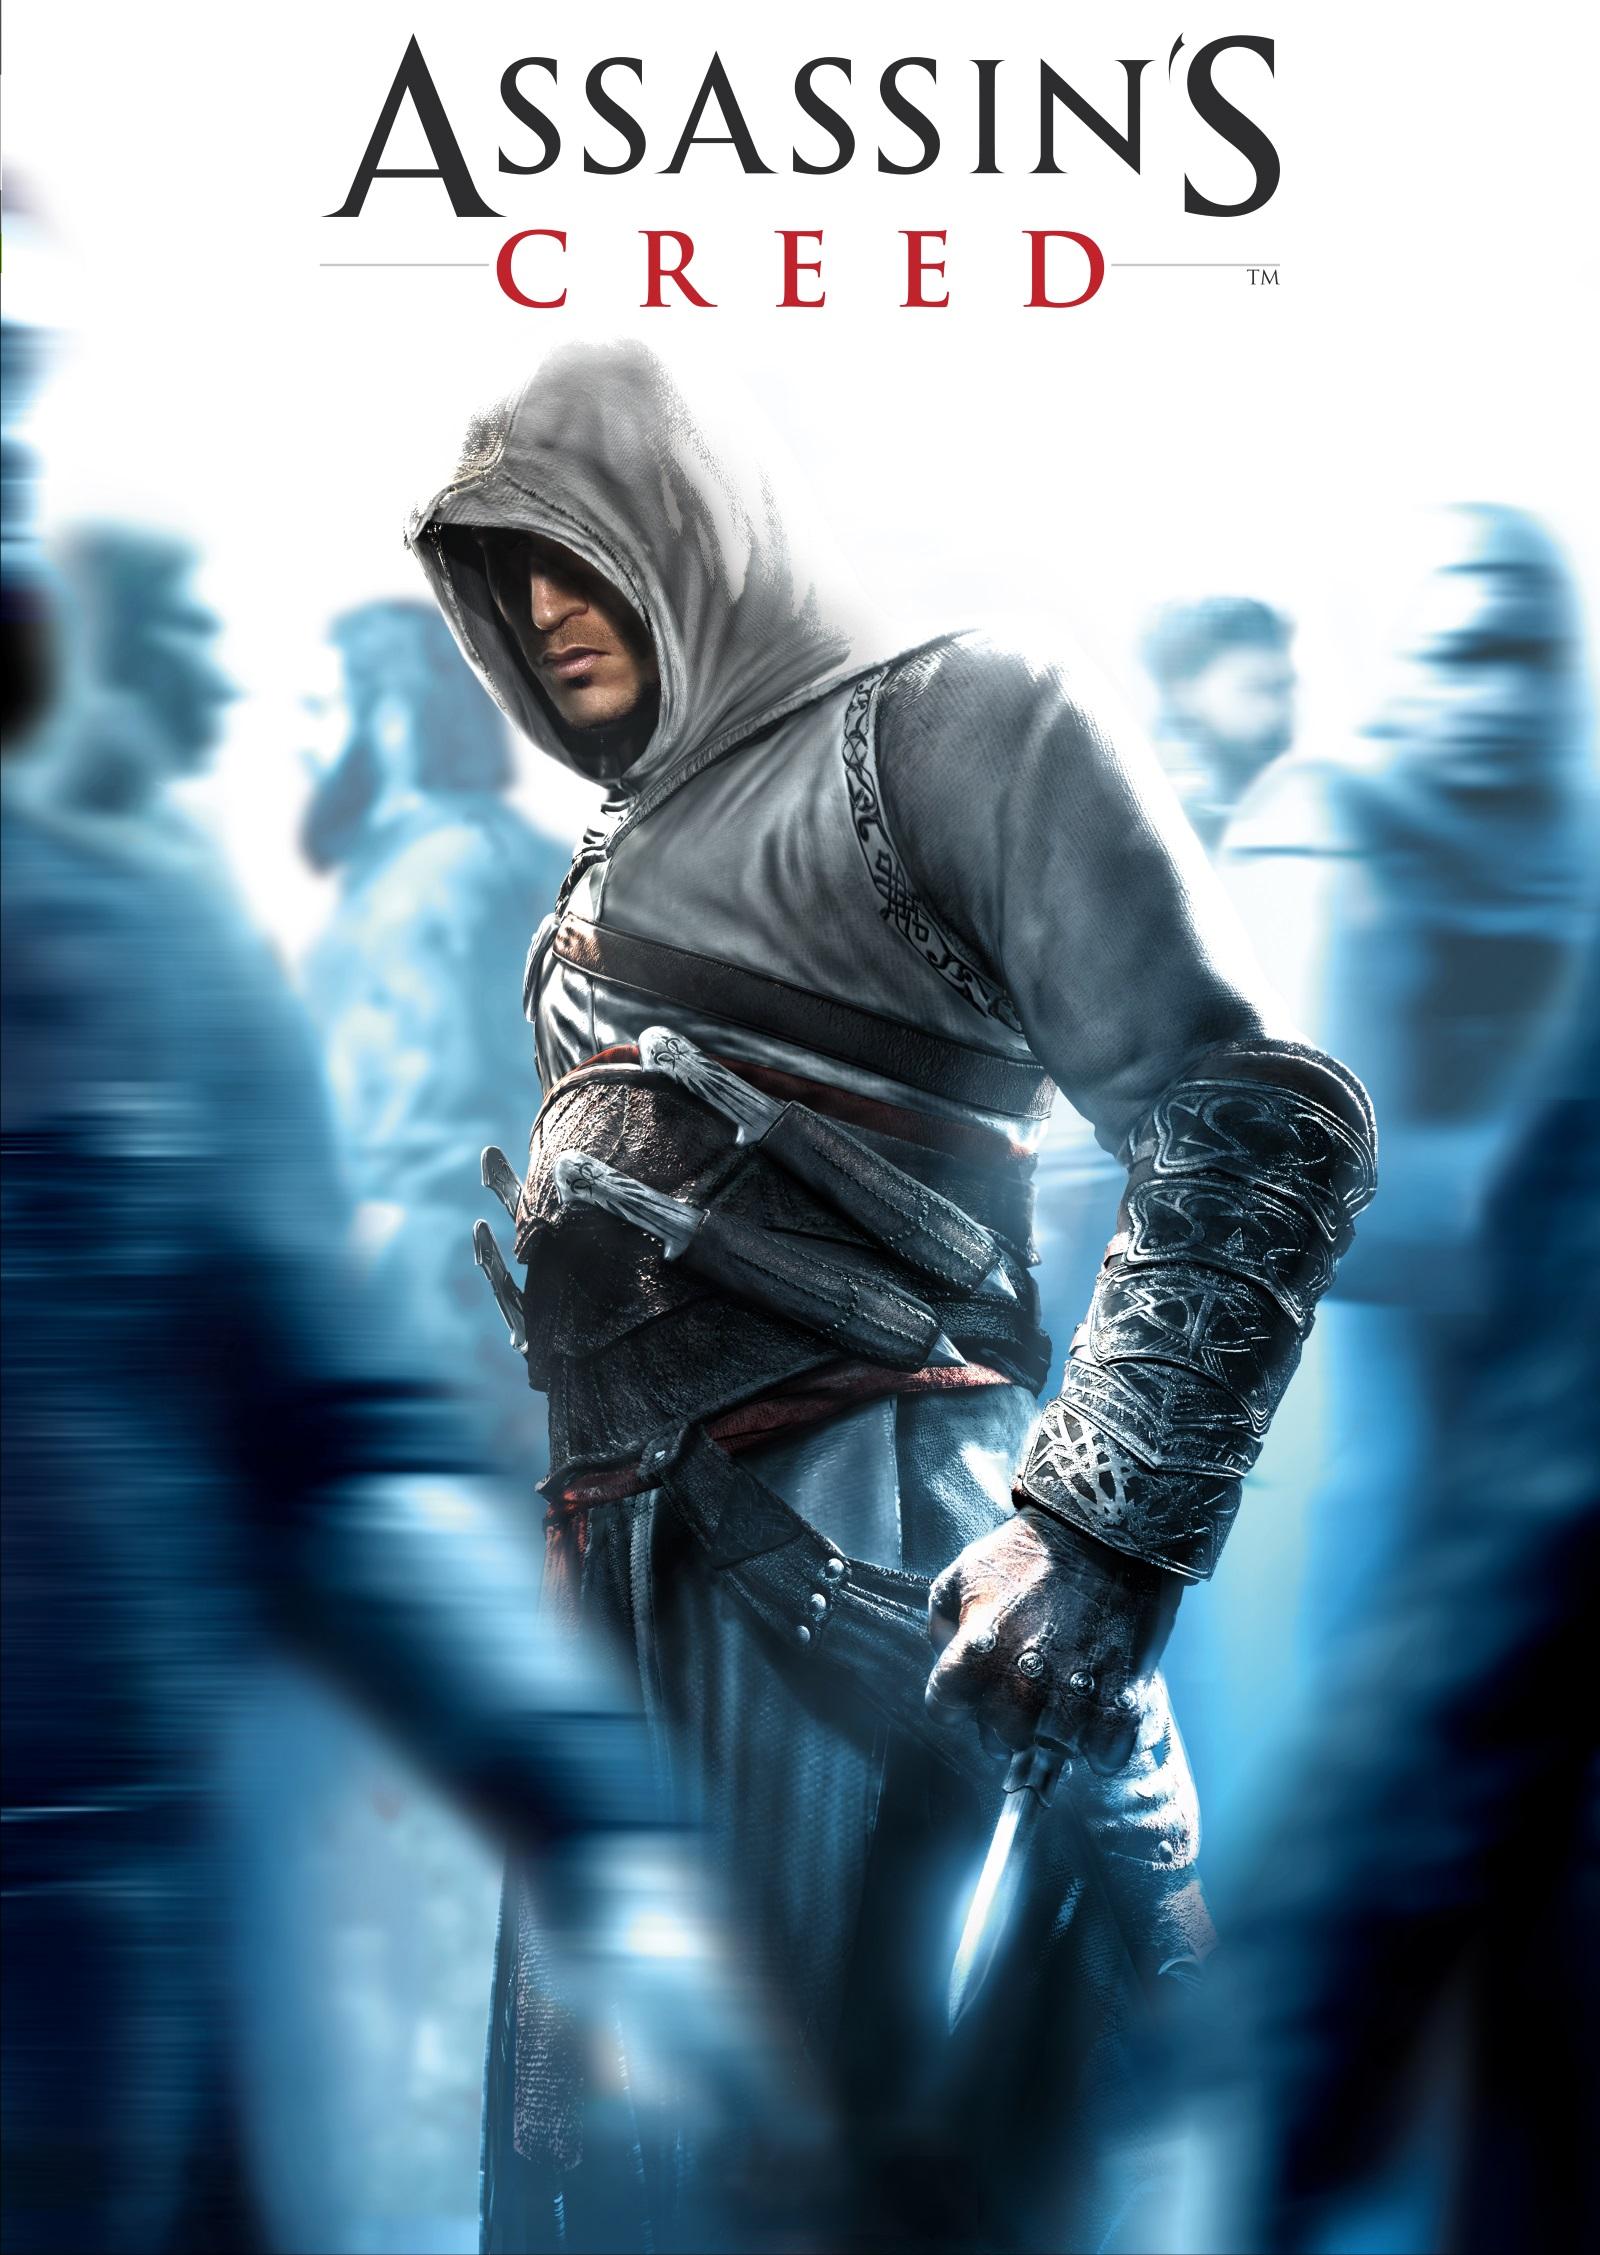 Assassins creed очередность игр